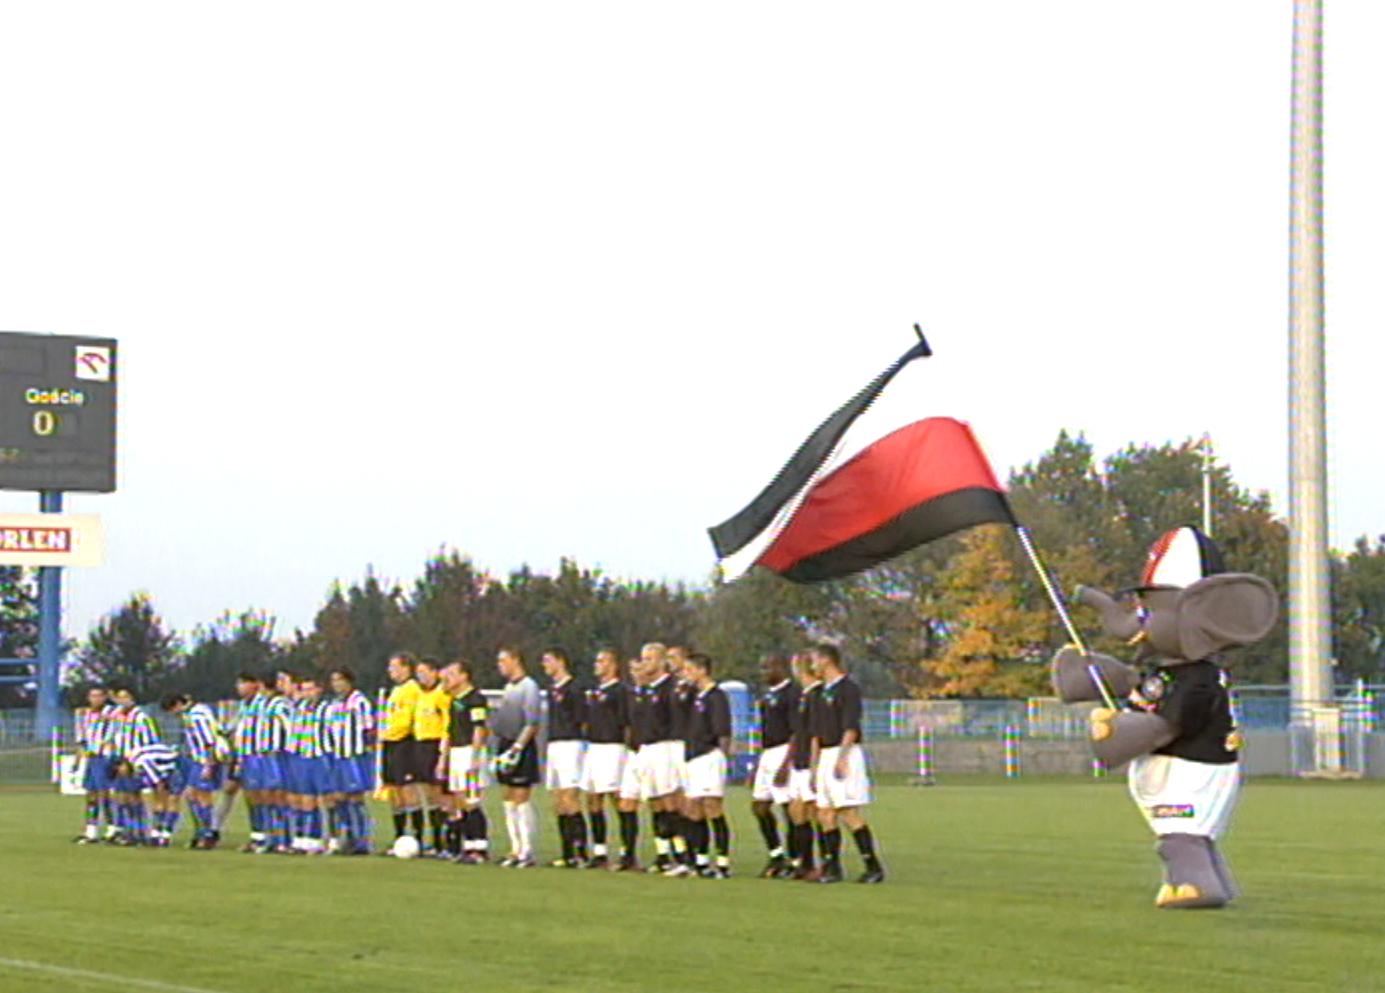 Polonia Warszawa - FC Porto 2:0 (03.10.2002)